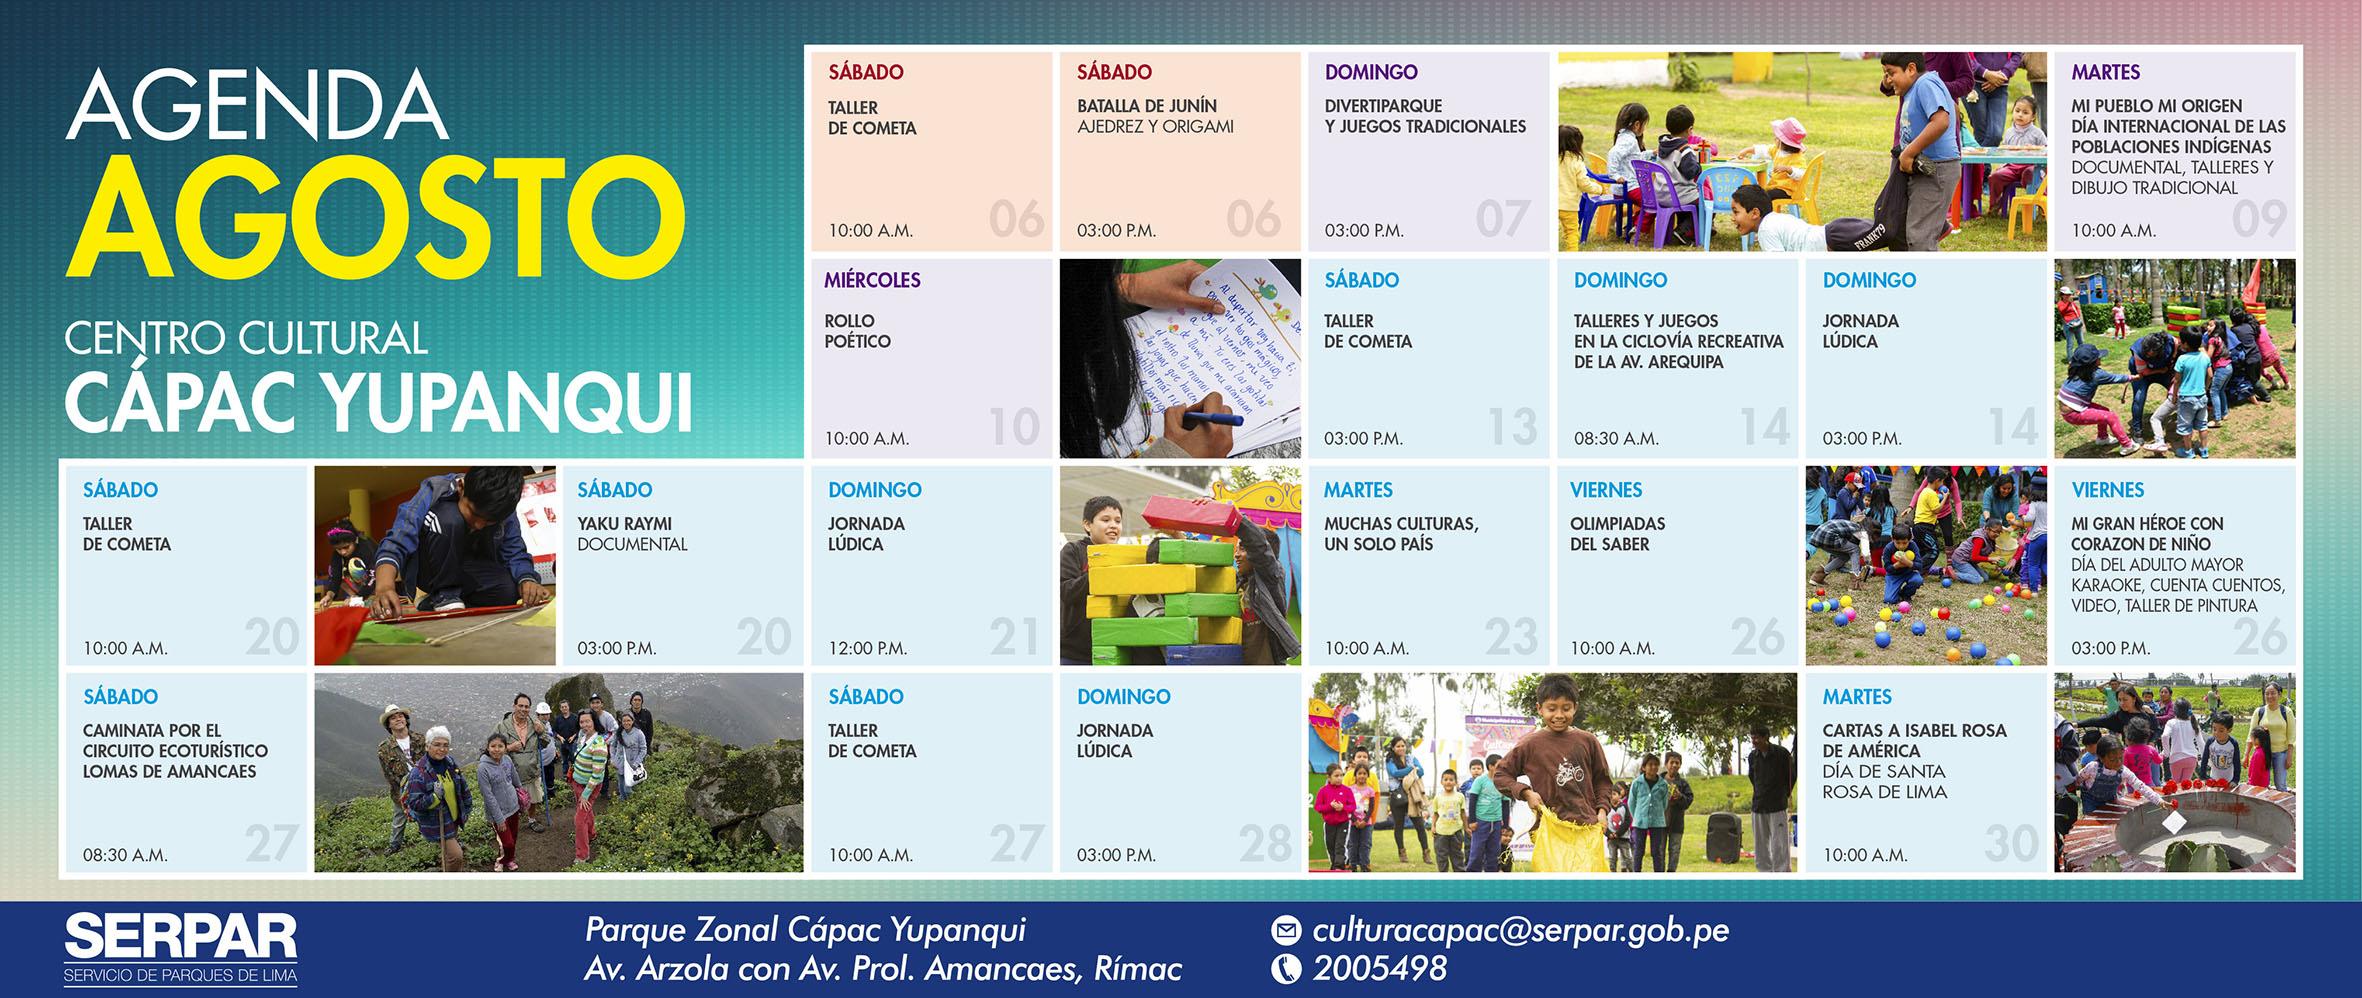 web_agenda_cultura_AGOSTO-03